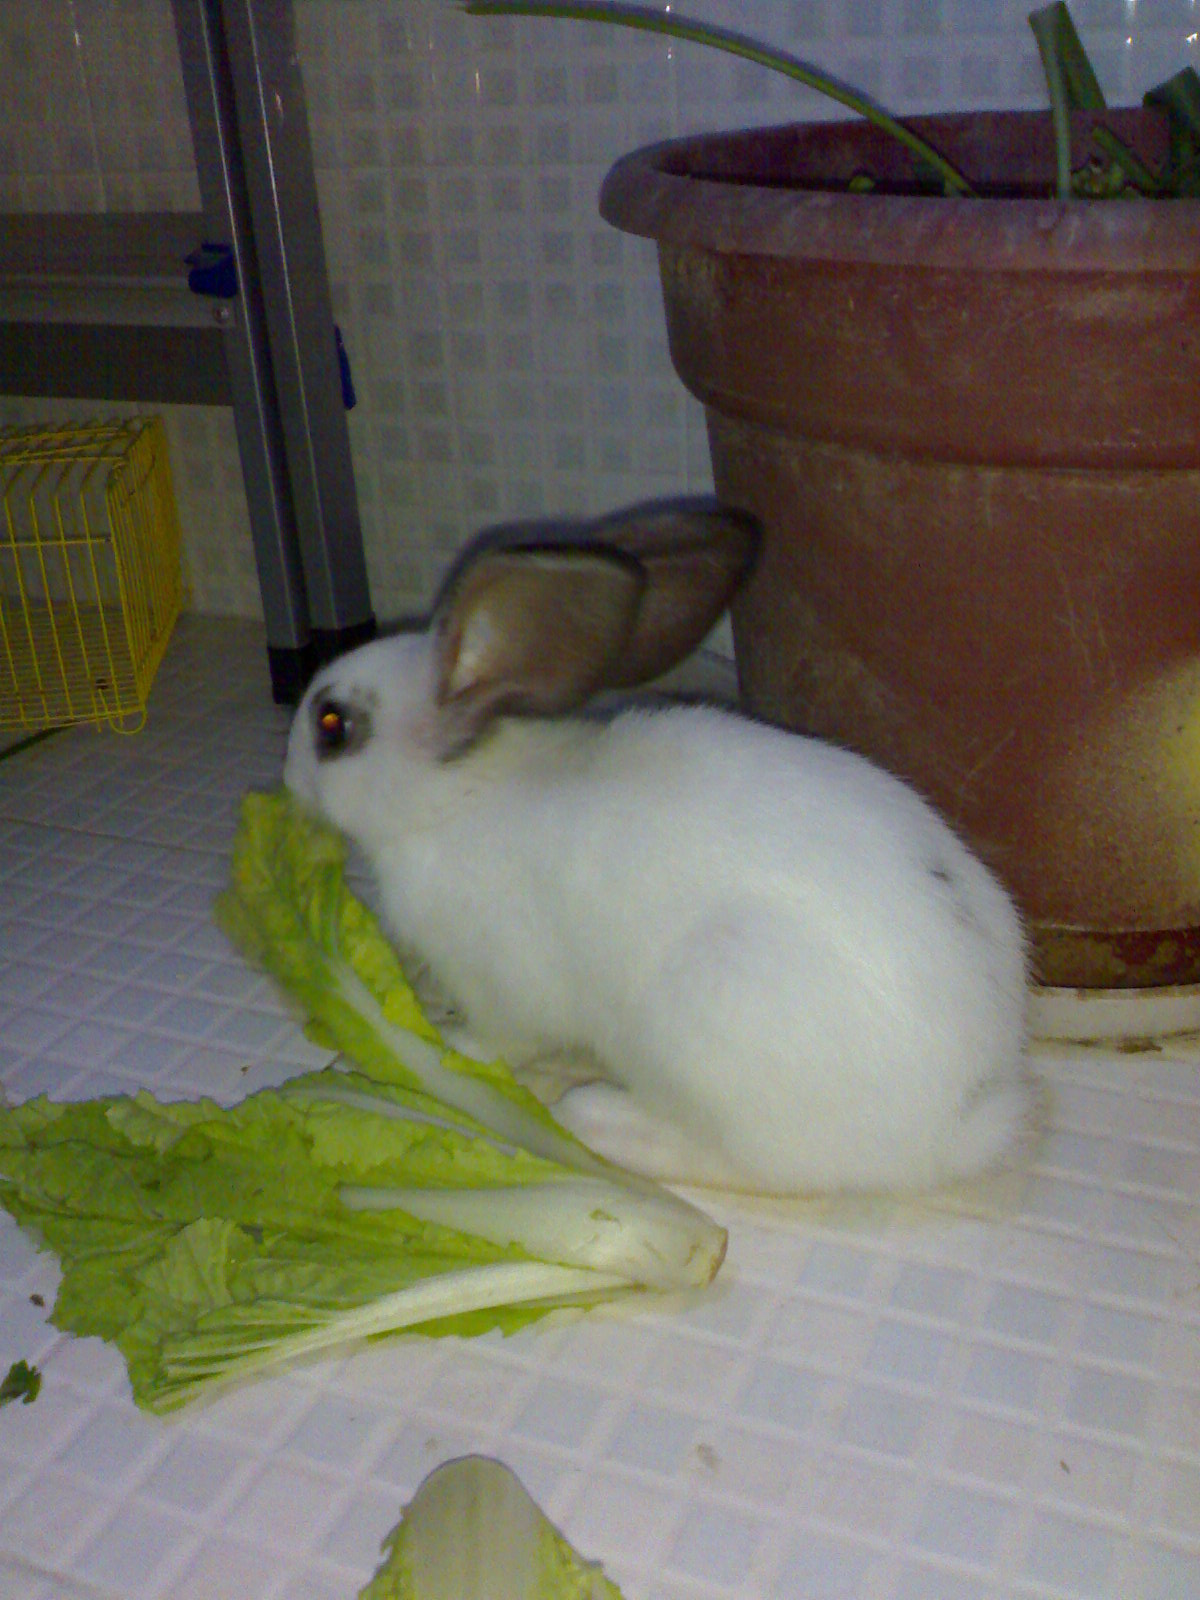 壁纸 动物 兔子 1200_1600 竖版 竖屏 手机